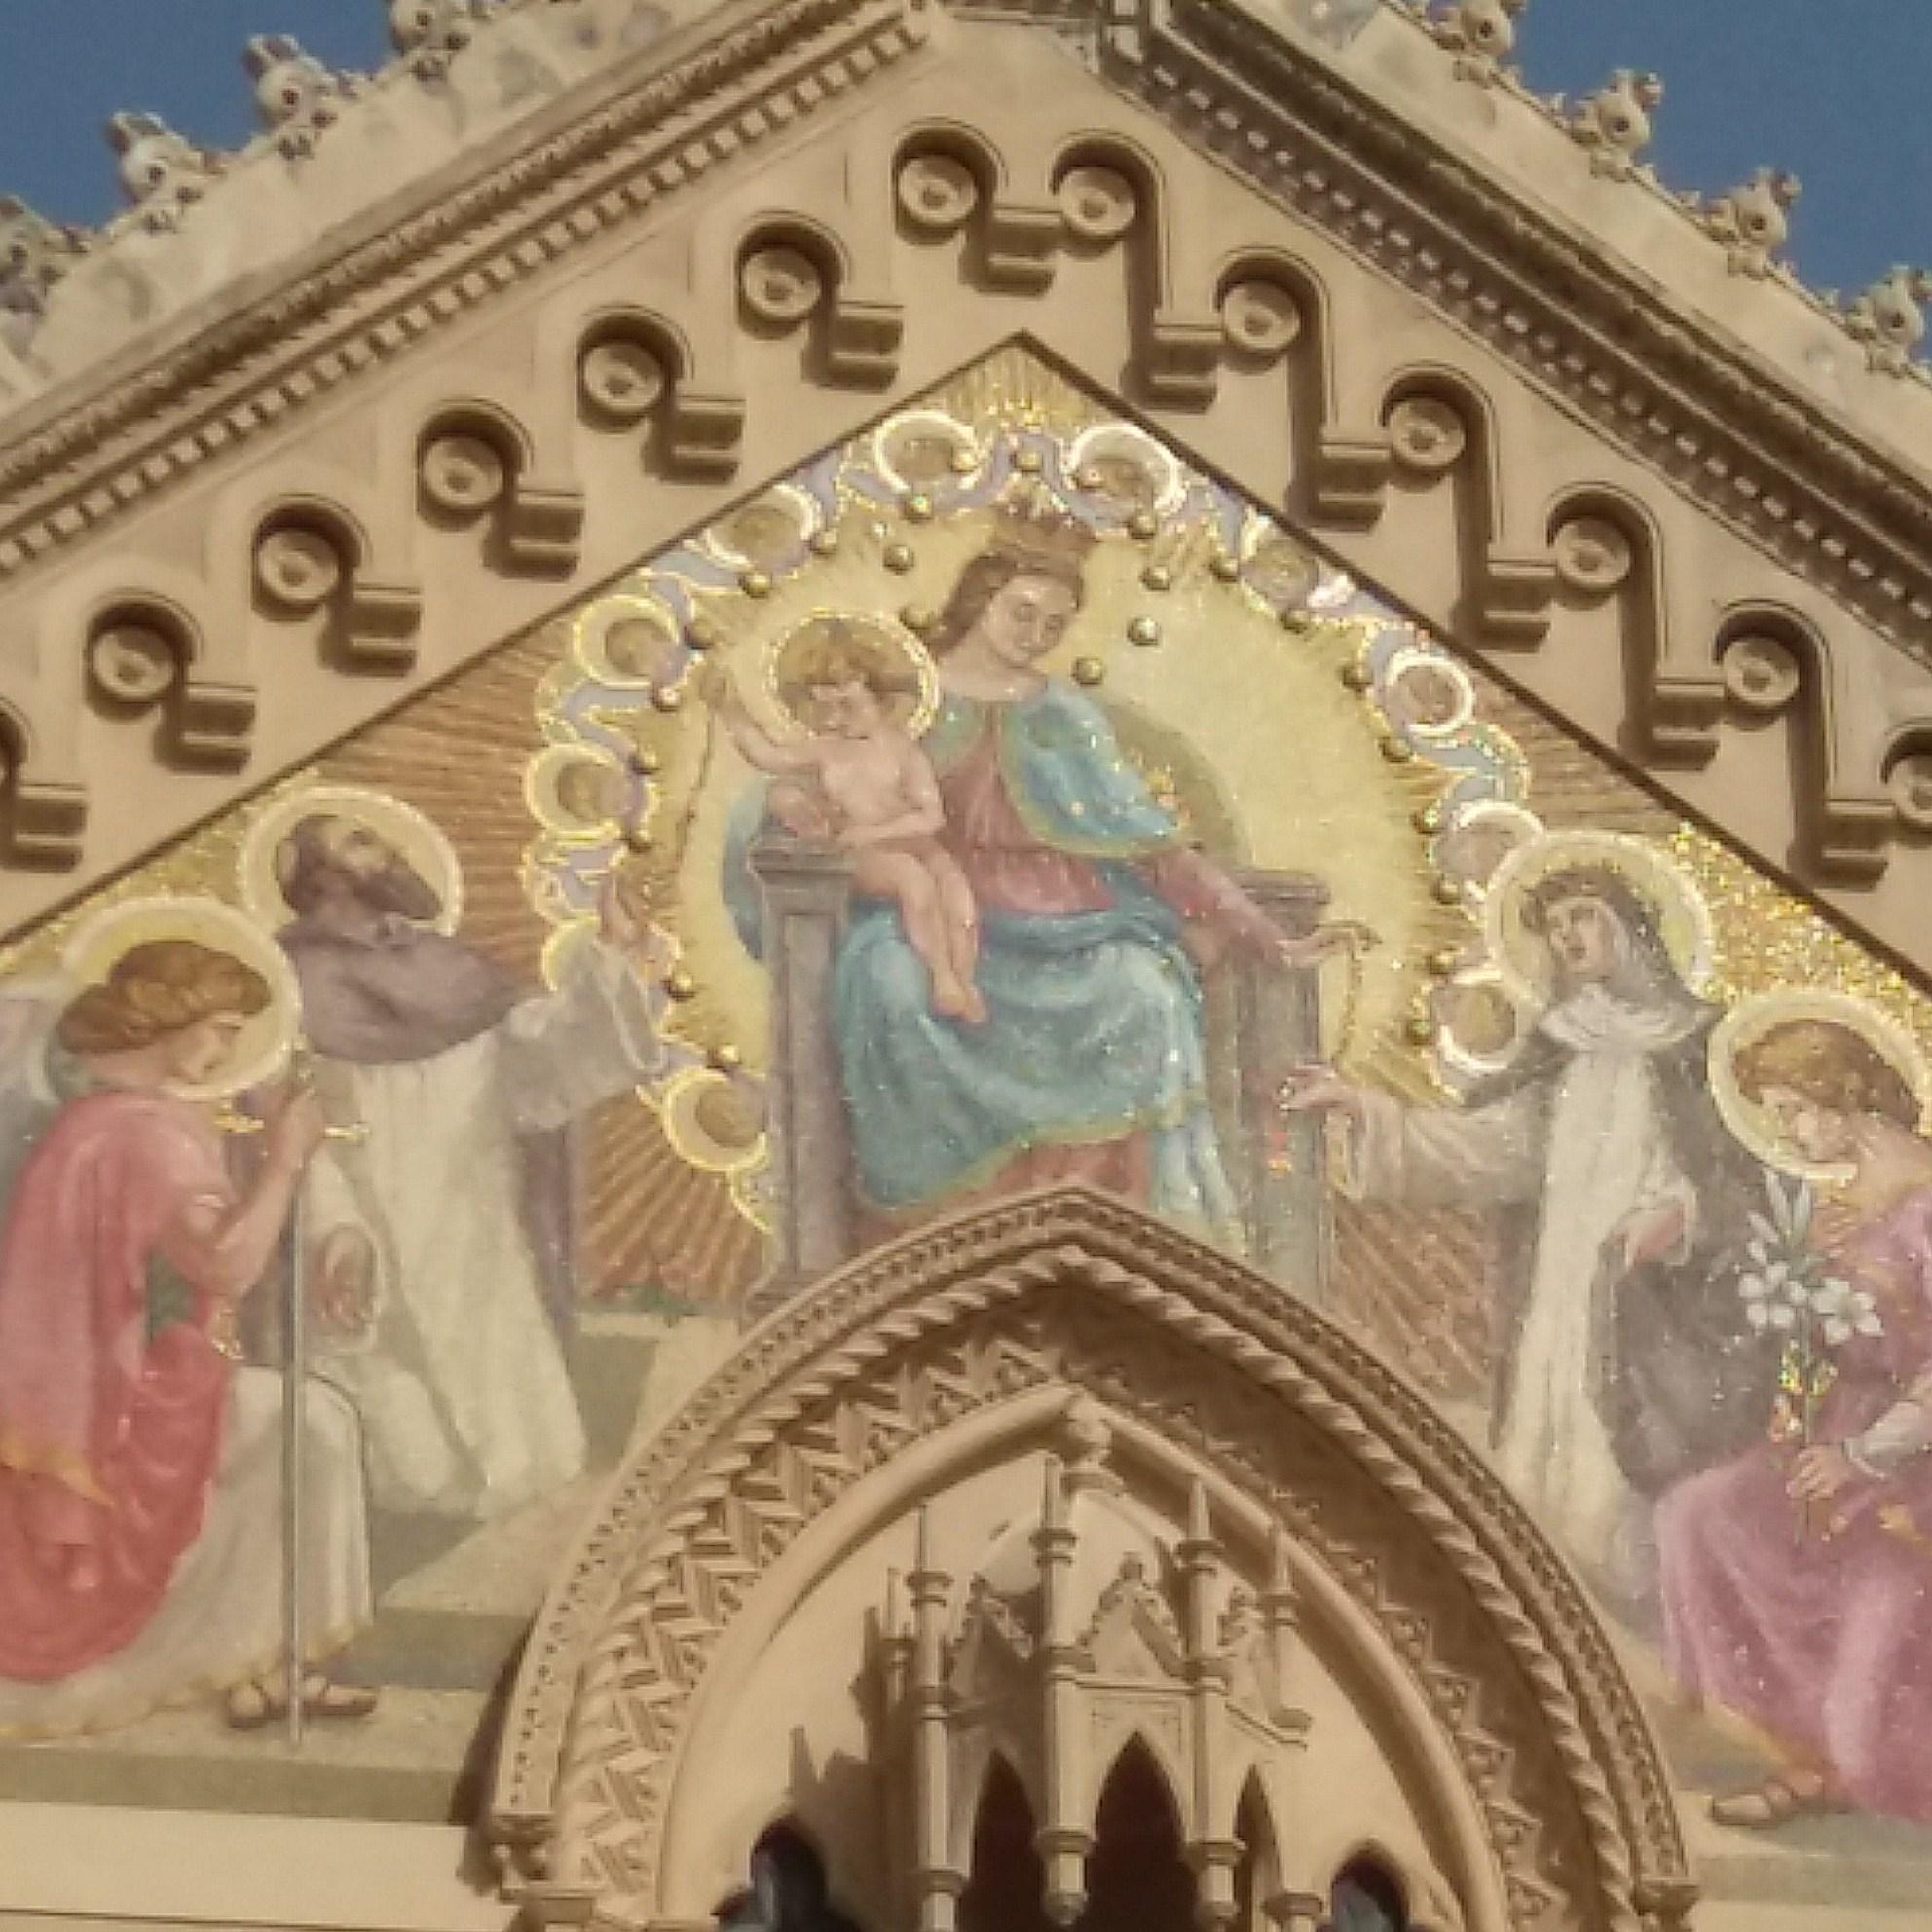 Un lungo cammino: 100 anni della Parrocchia Santa Maria di Pompei